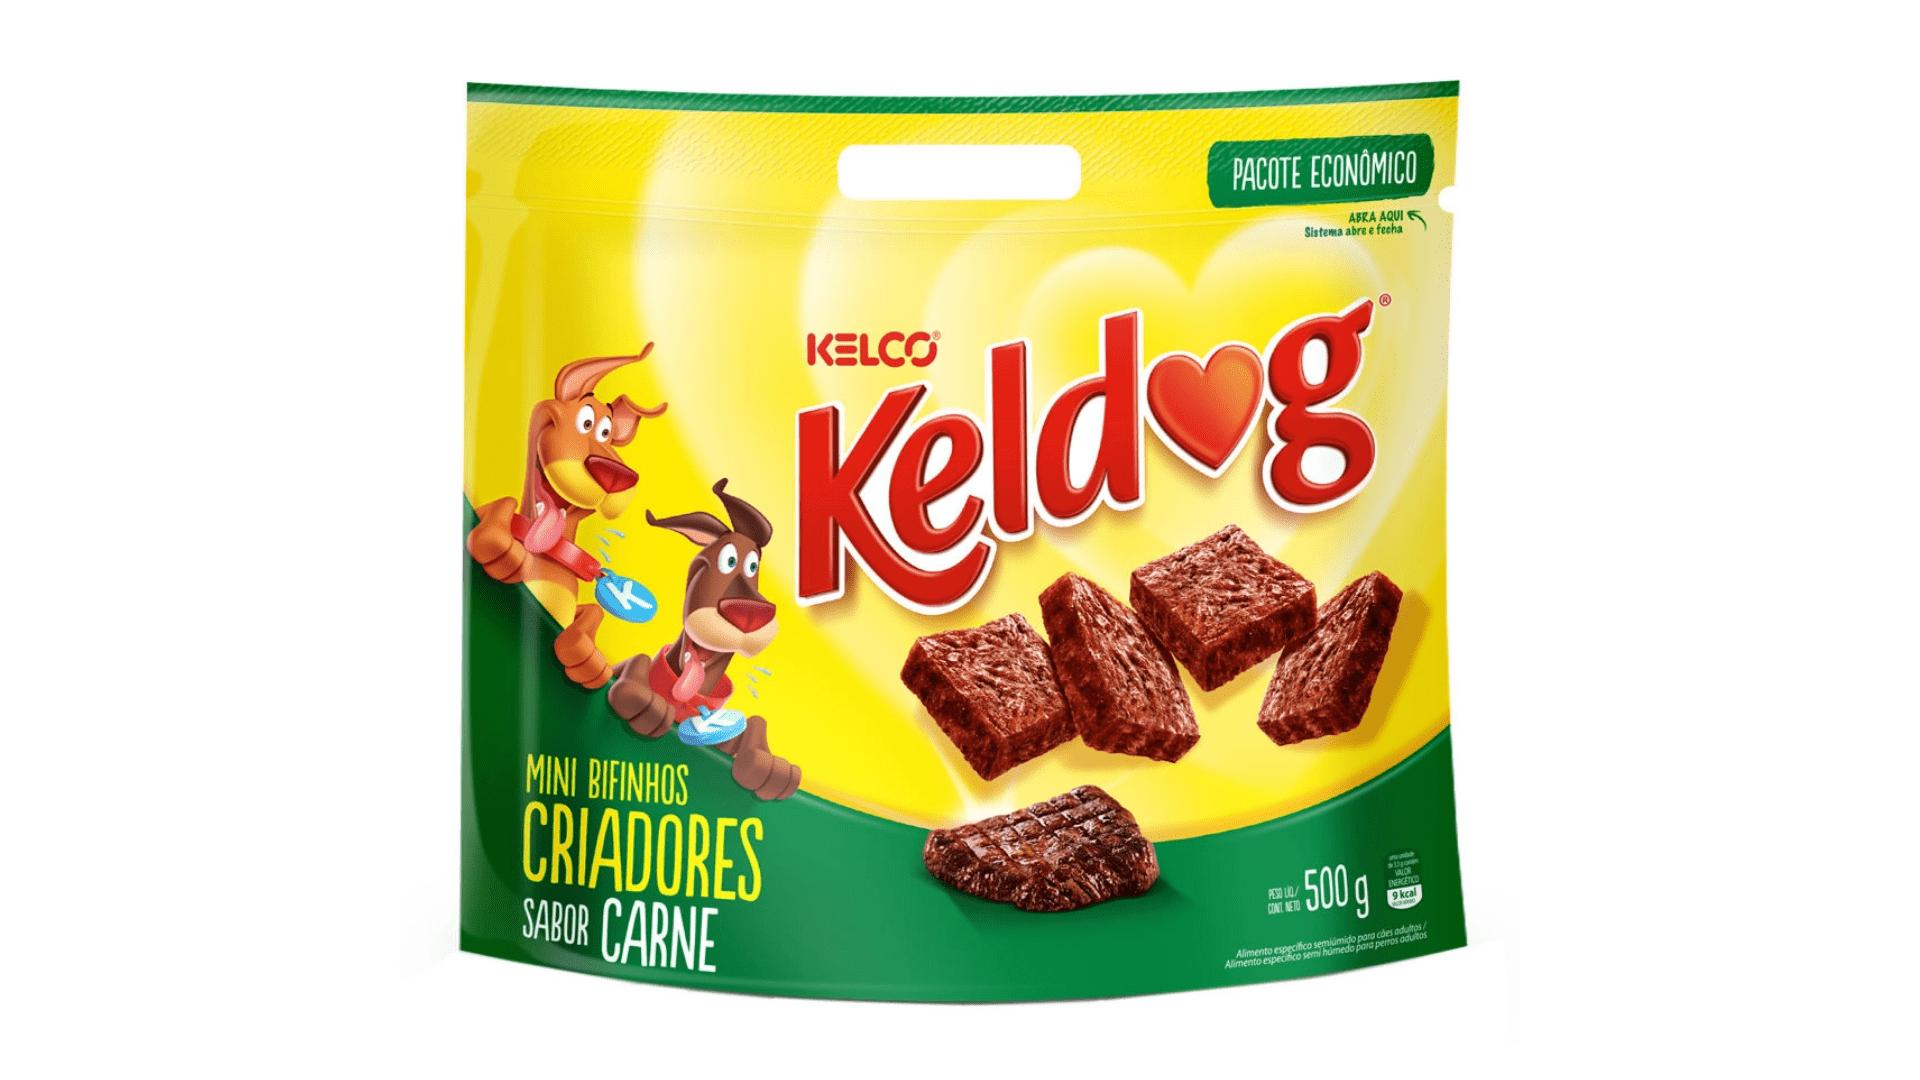 O petisco Keldog Tekinhos é rico em nutrientes, mas é calórico (Imagem: Divulgação/Kelco)